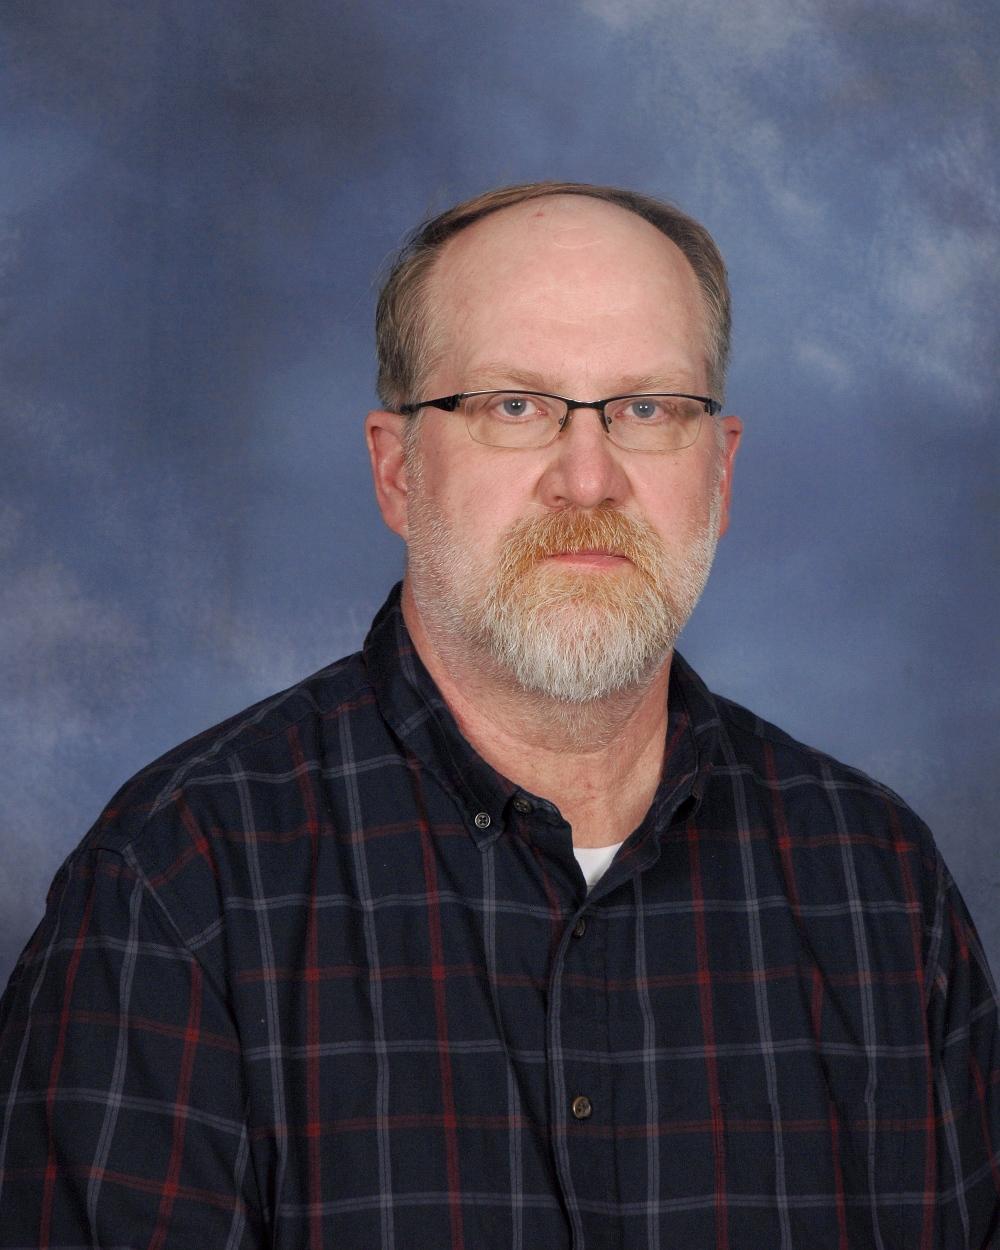 Brian Wischnak